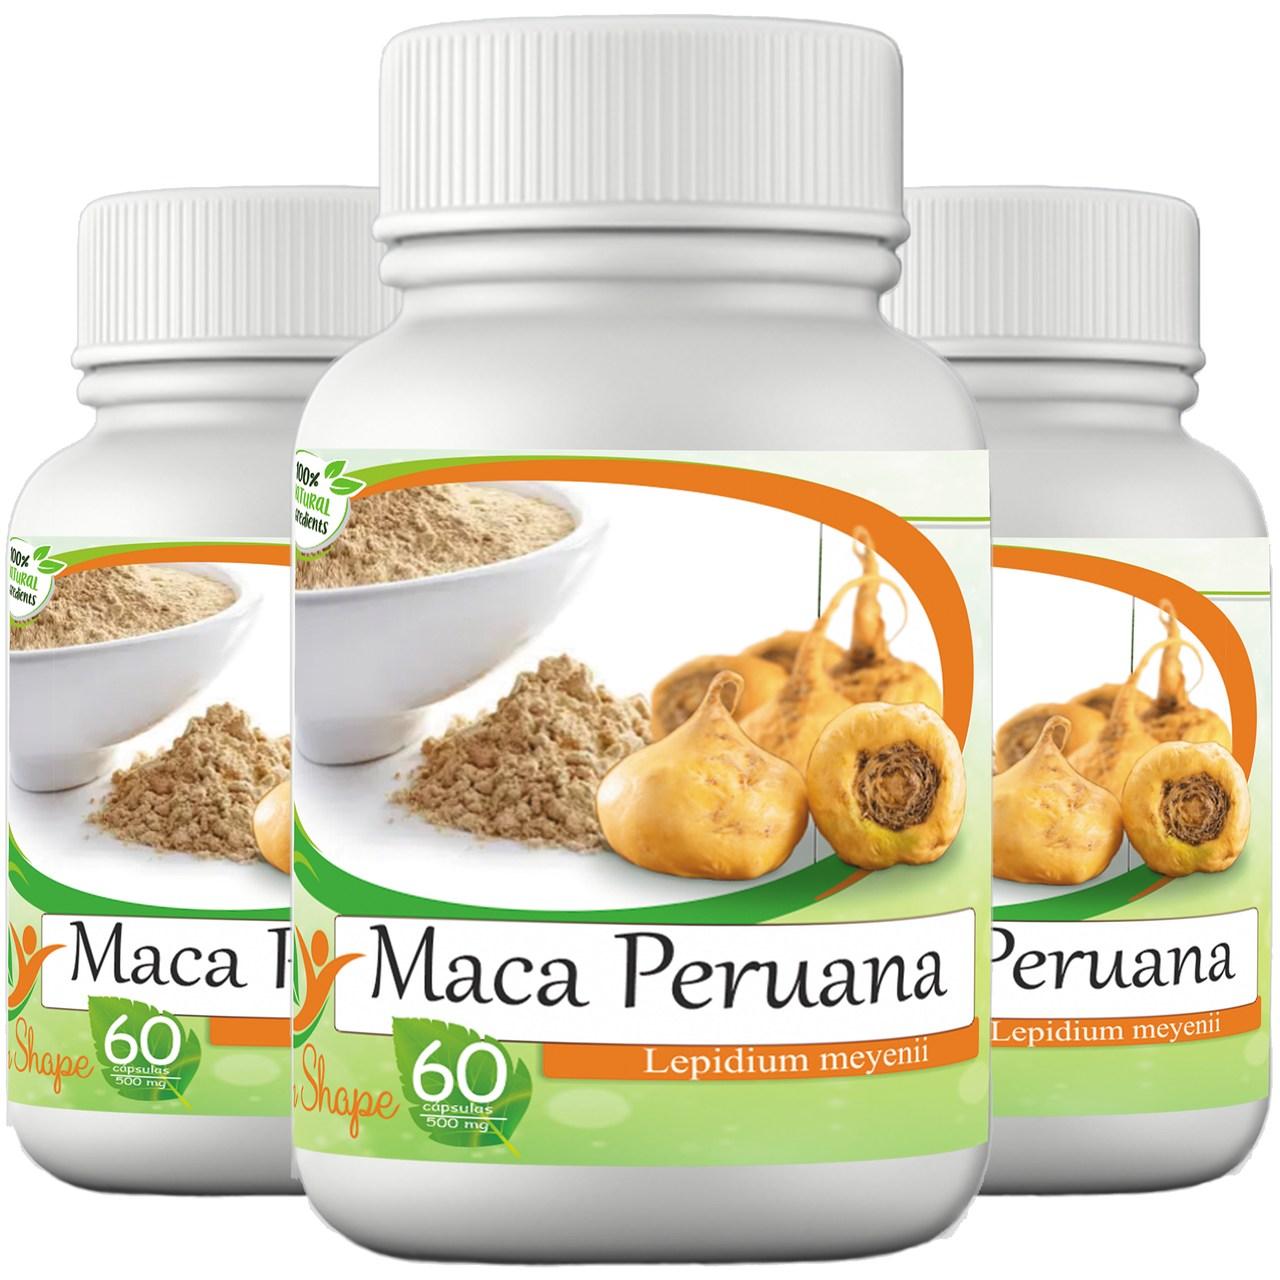 3 frascos de Maca Peruana 60 cápsulas cada frasco